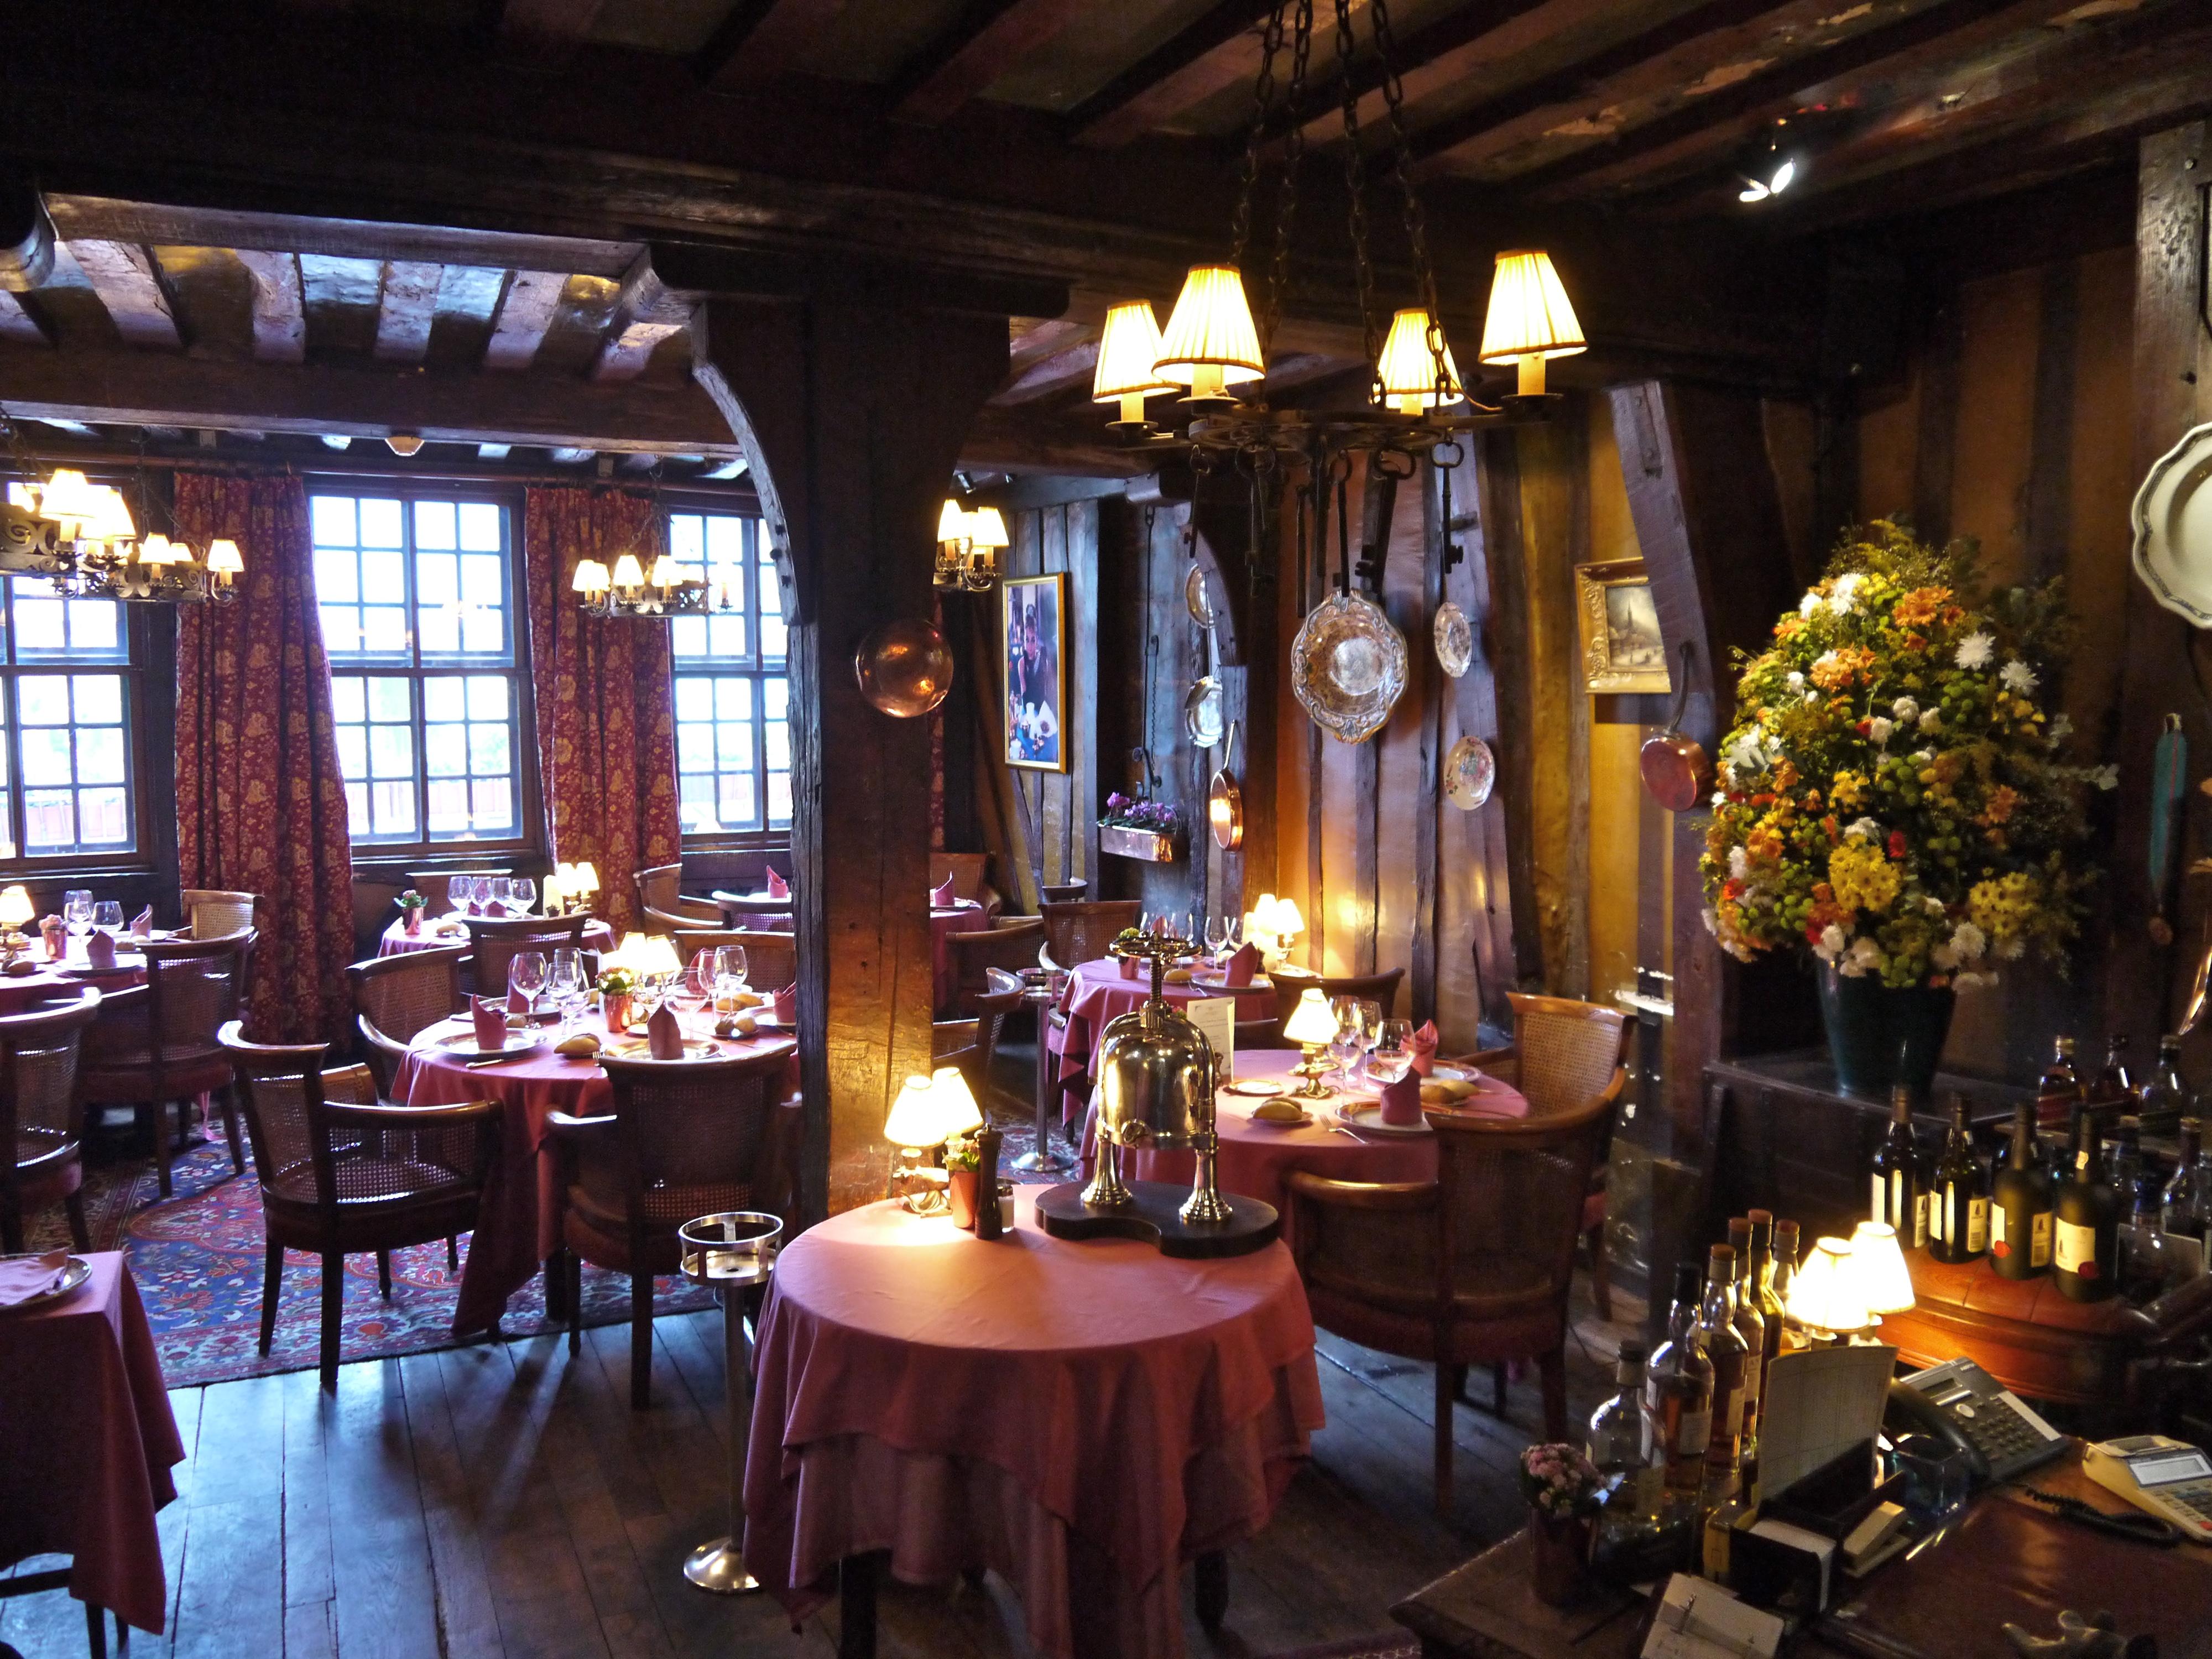 Restaurant La couronne Rouen